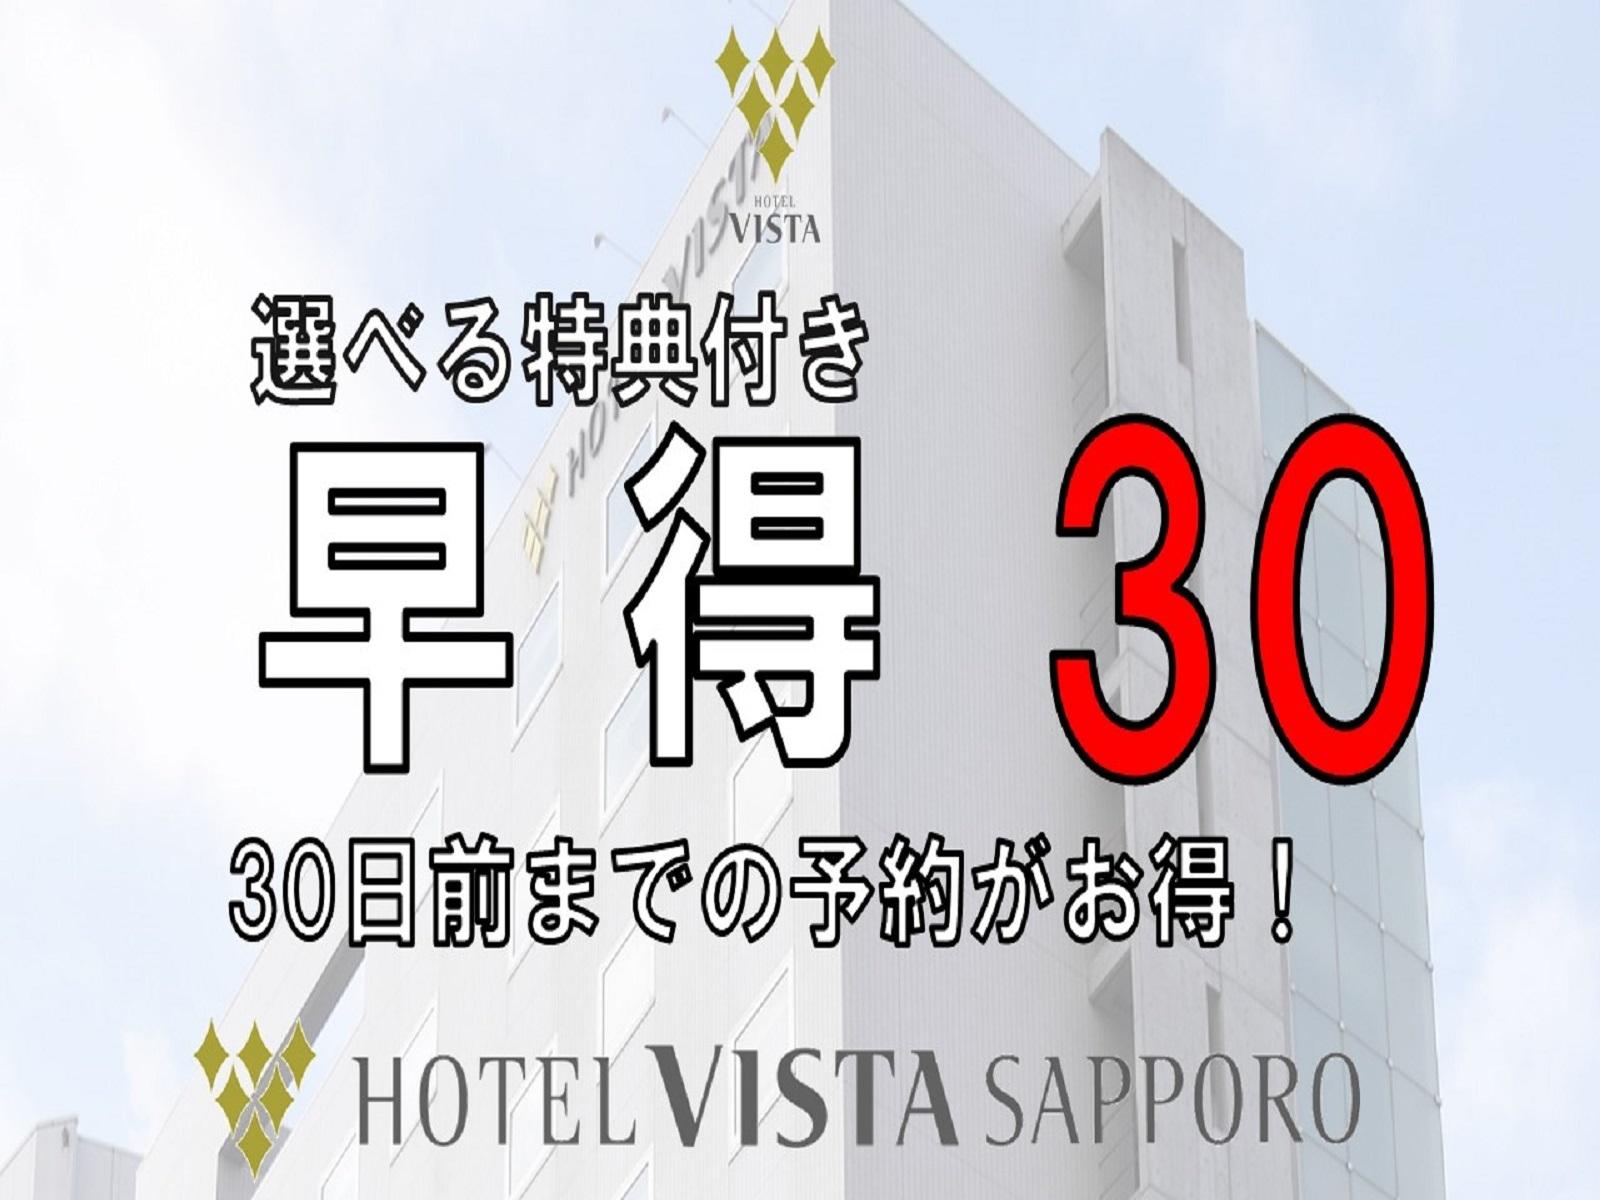 ホテルビスタ札幌中島公園 【早得】選んで楽しい♪特典付!★早トク30★~朝食付~